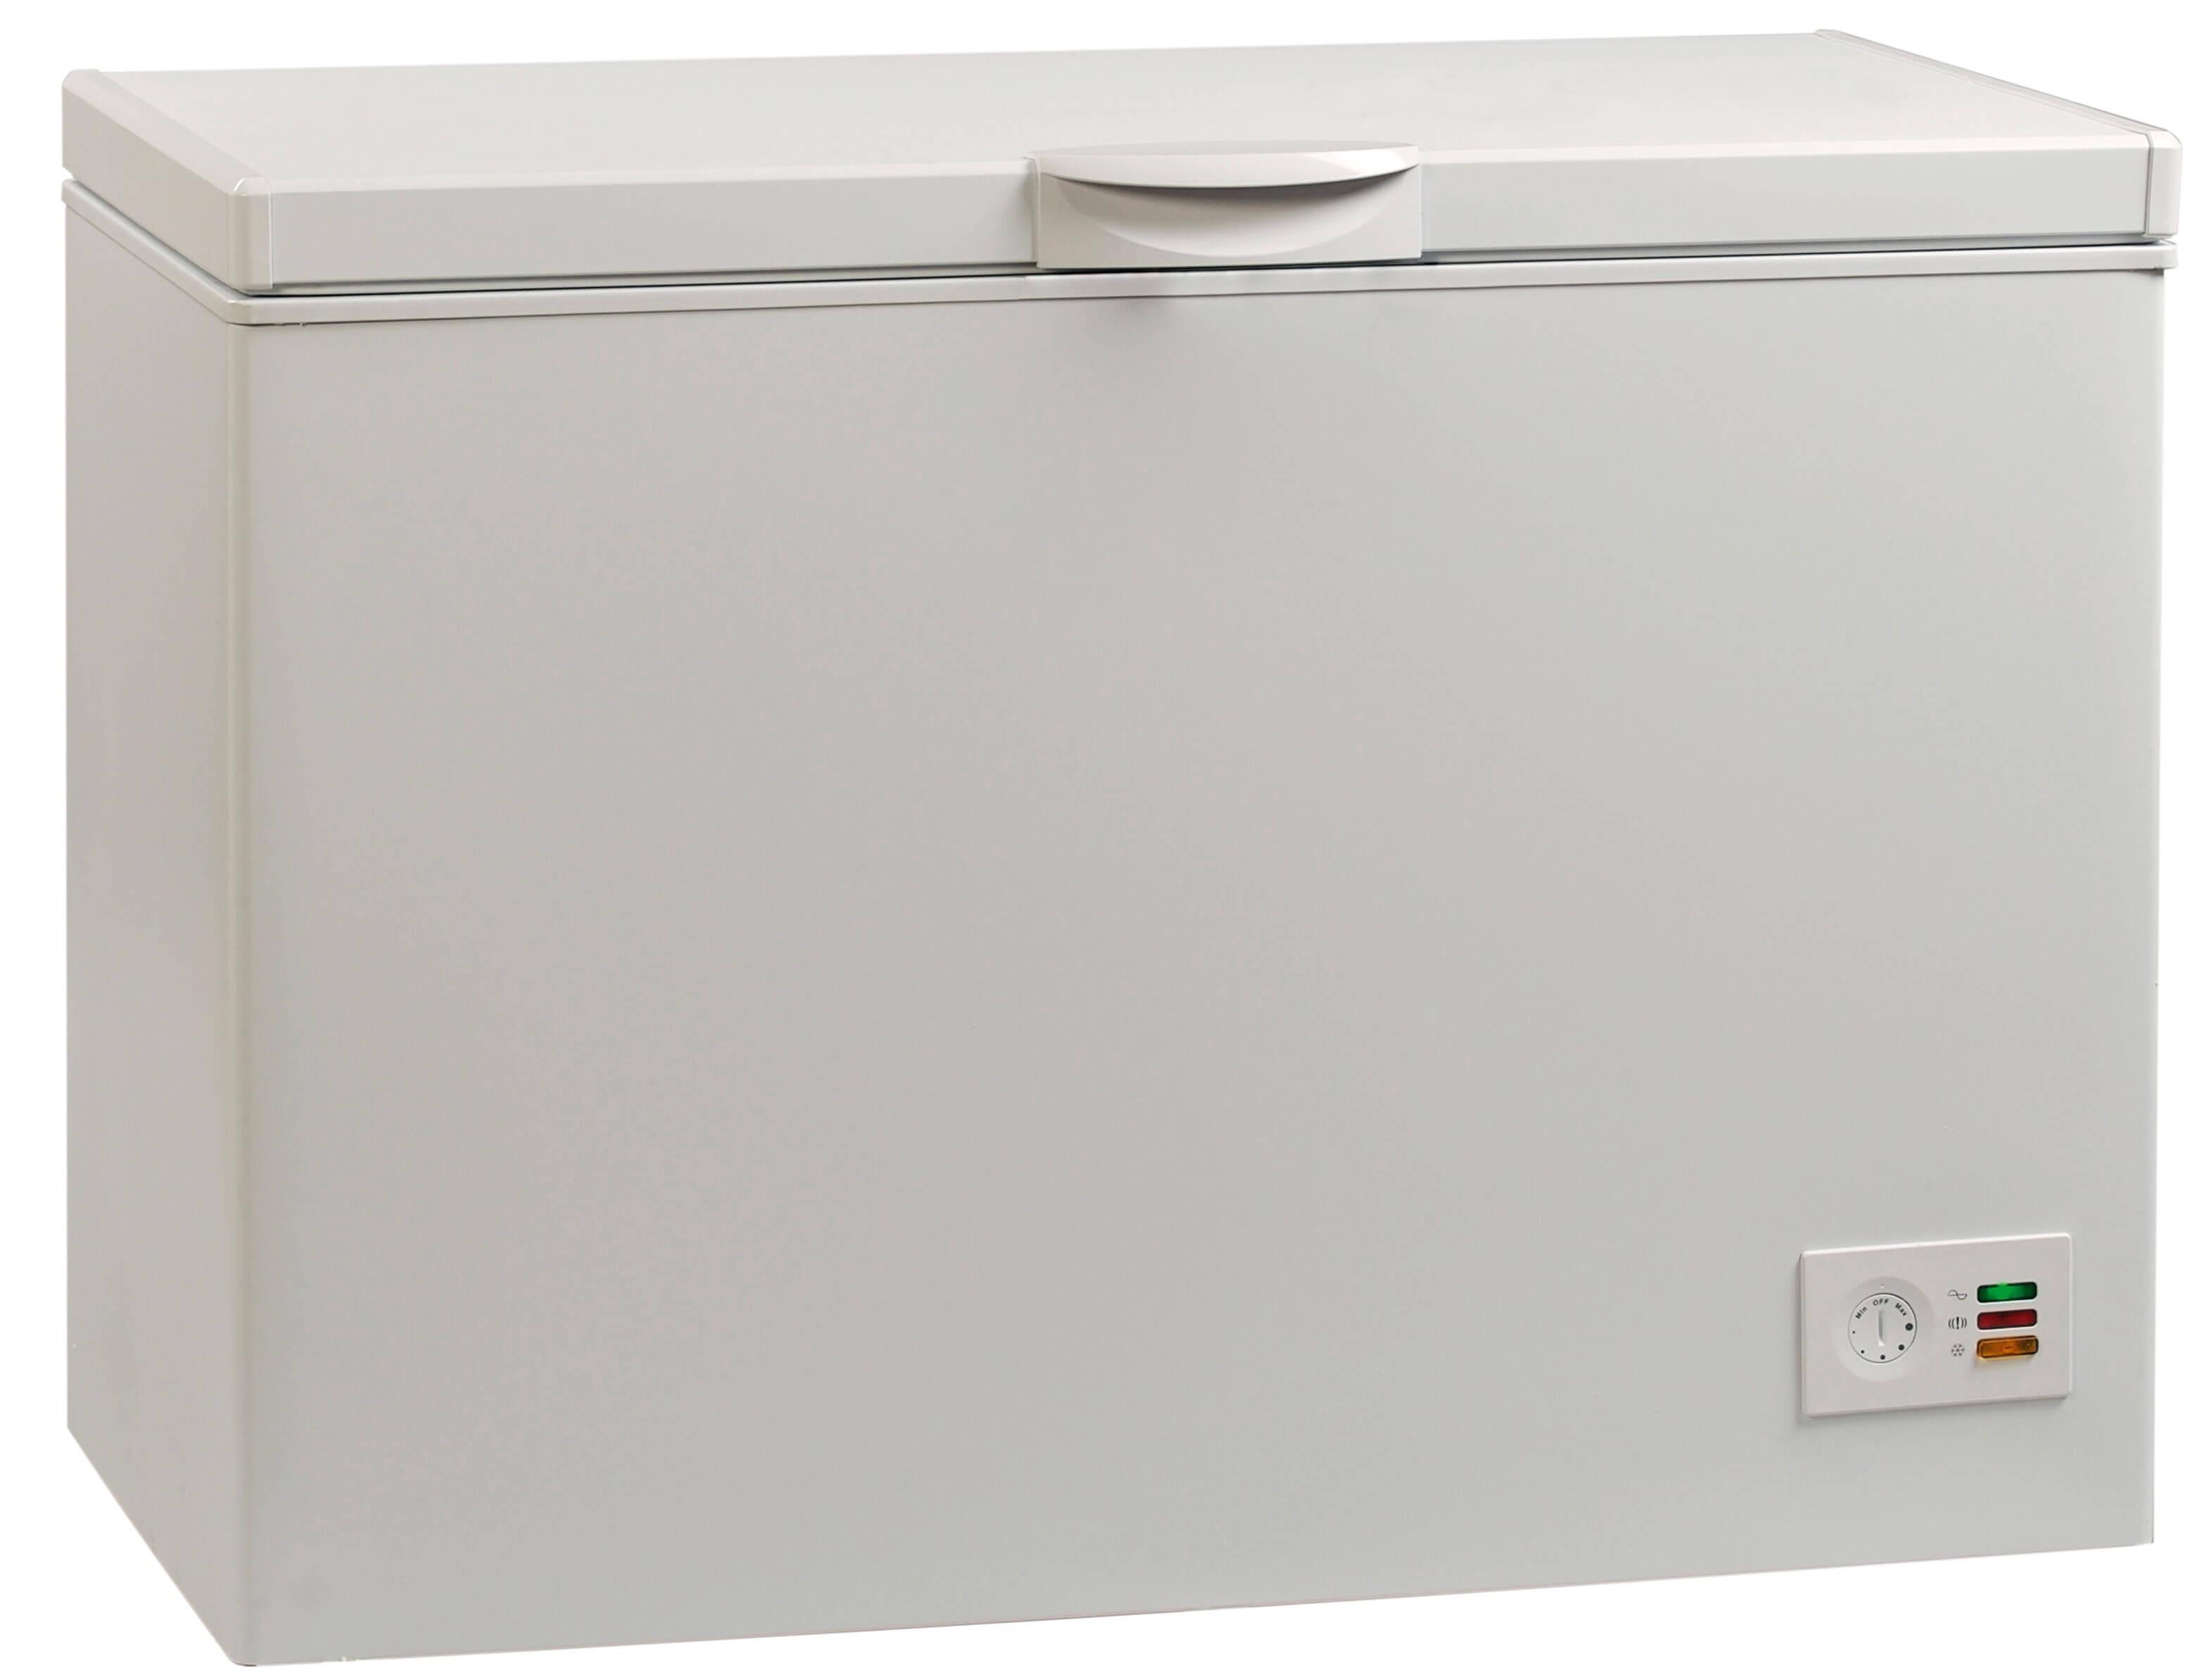 Lada frigorifica Arctic O23++, 230l, Alb, A